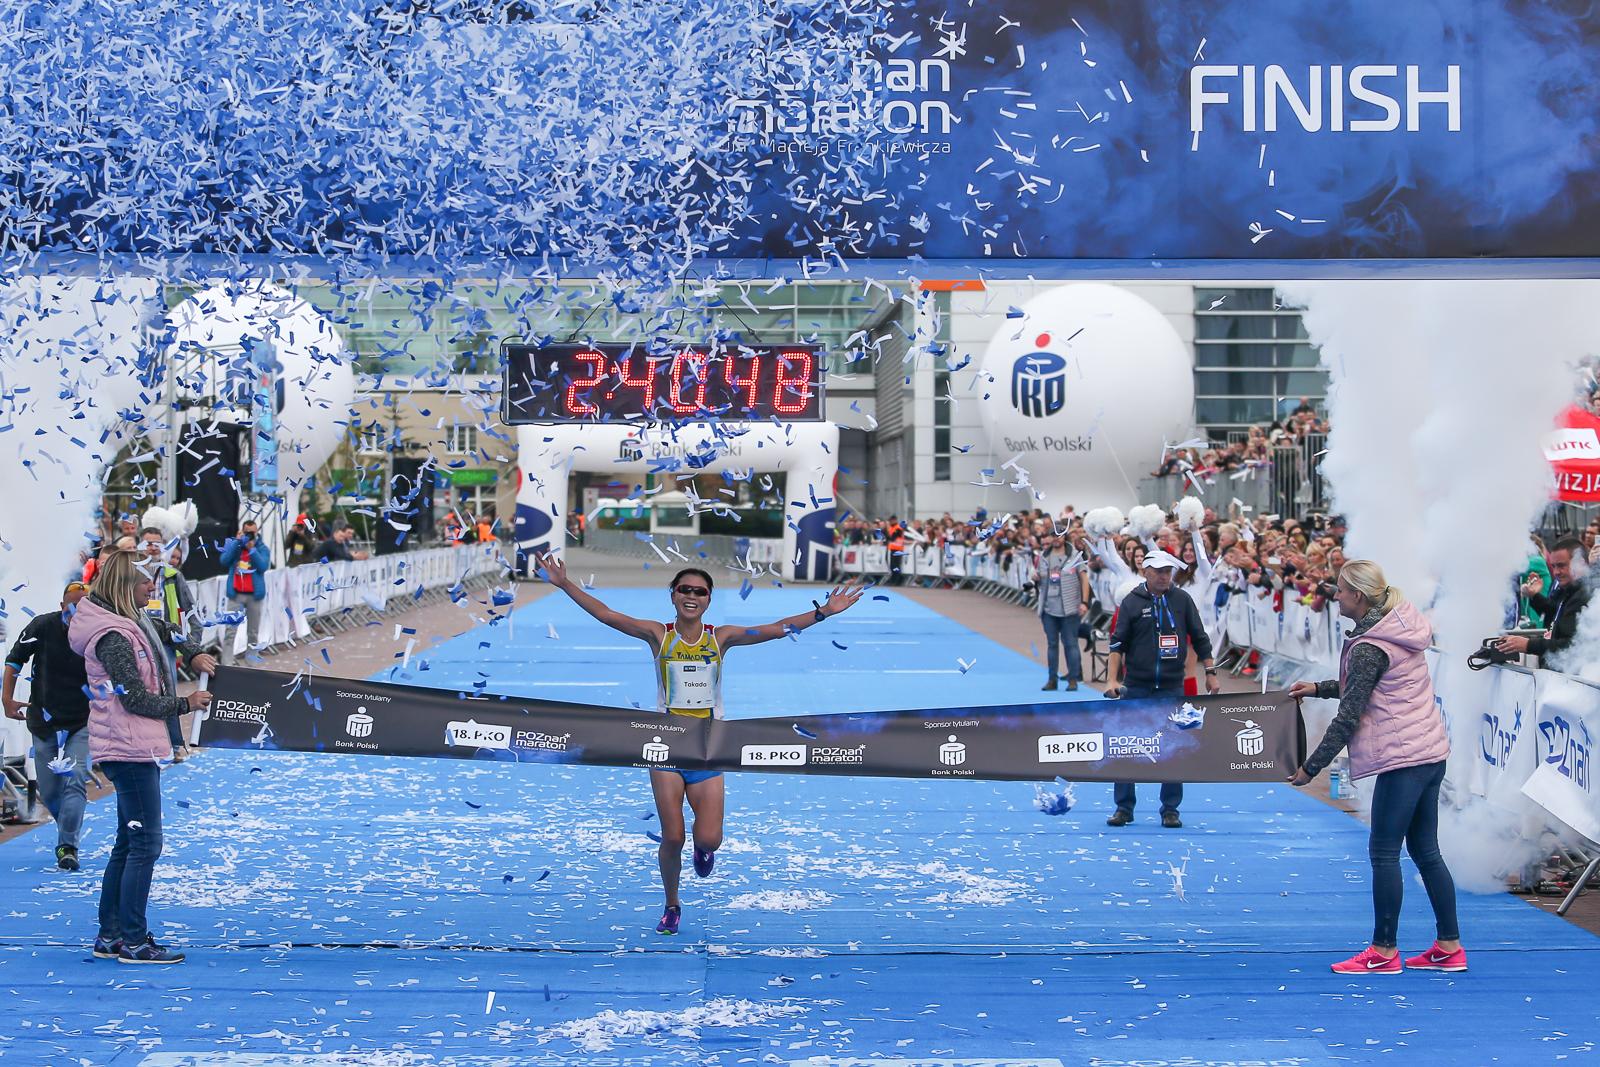 18-stka poznańskiego maratonu